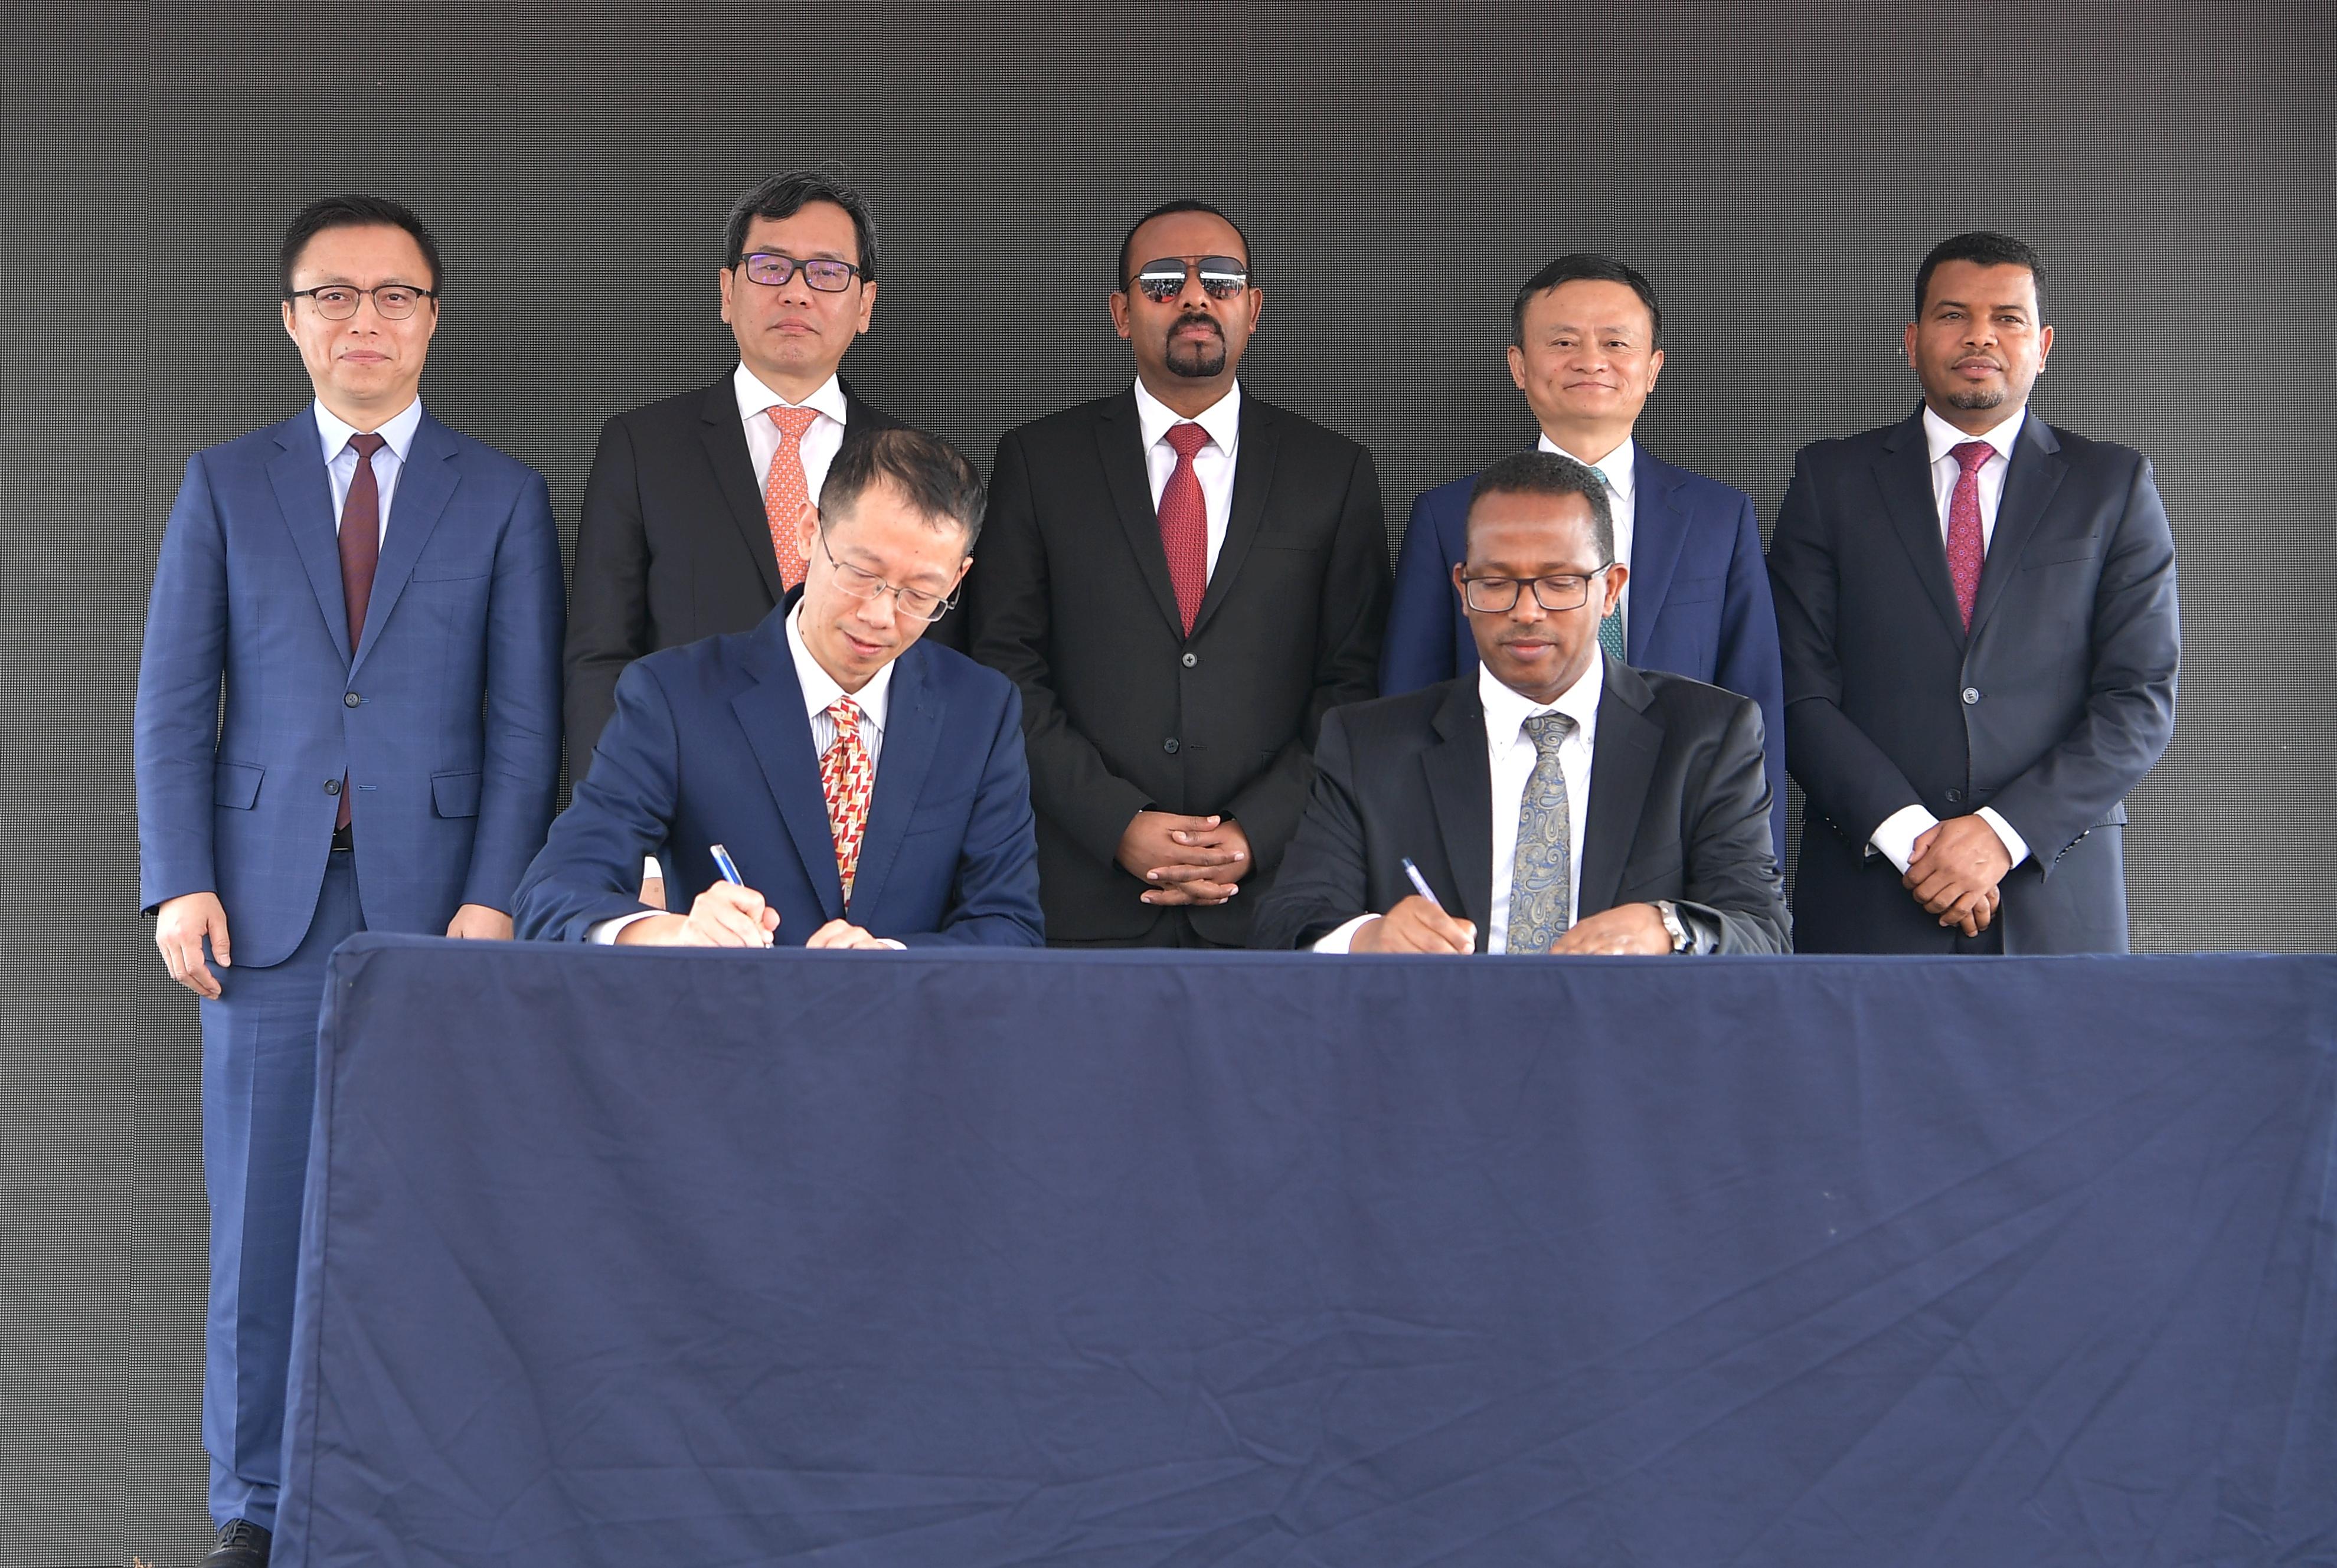 Le gouvernement éthiopien et le groupe Alibaba signent des accords pour créer un hub eWTP Éthiopie. © Alizila